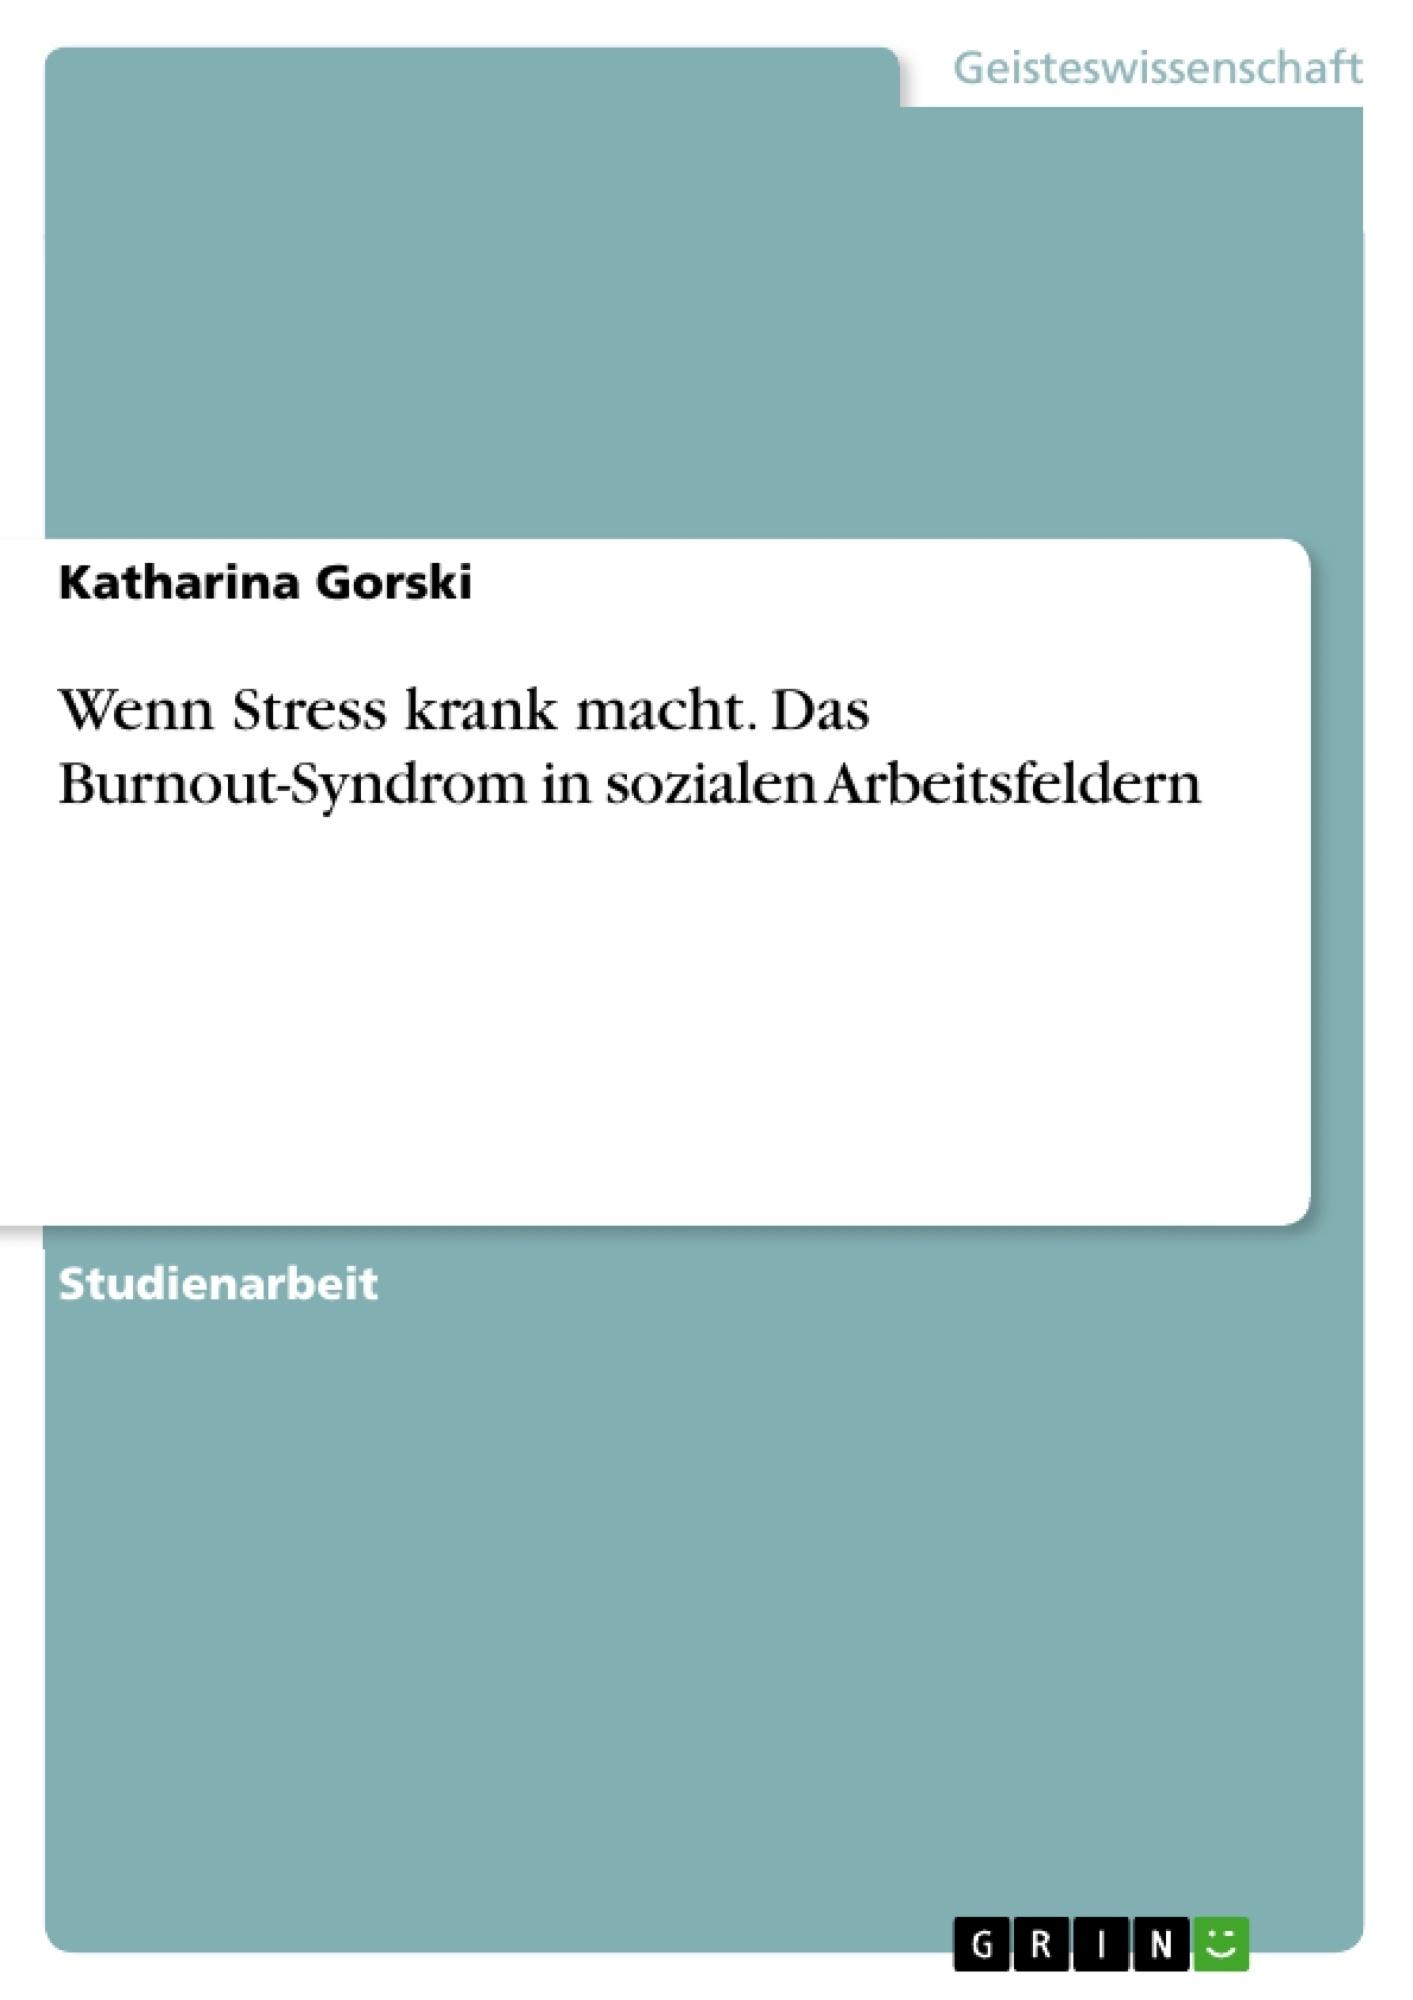 Titel: Wenn Stress krank macht. Das Burnout-Syndrom in sozialen Arbeitsfeldern